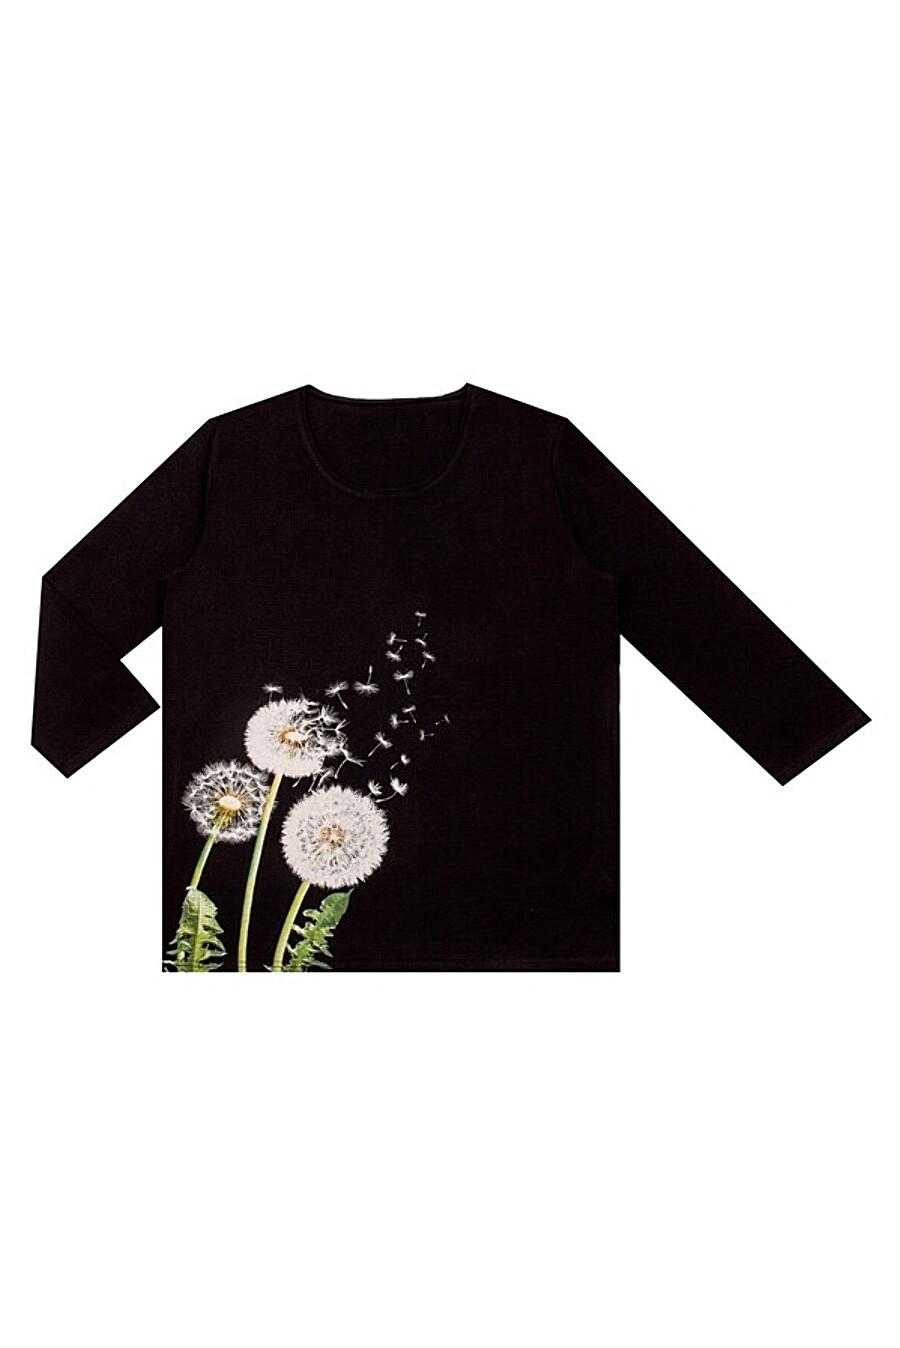 Лонгслив  для женщин АПРЕЛЬ 700648 купить оптом от производителя. Совместная покупка женской одежды в OptMoyo